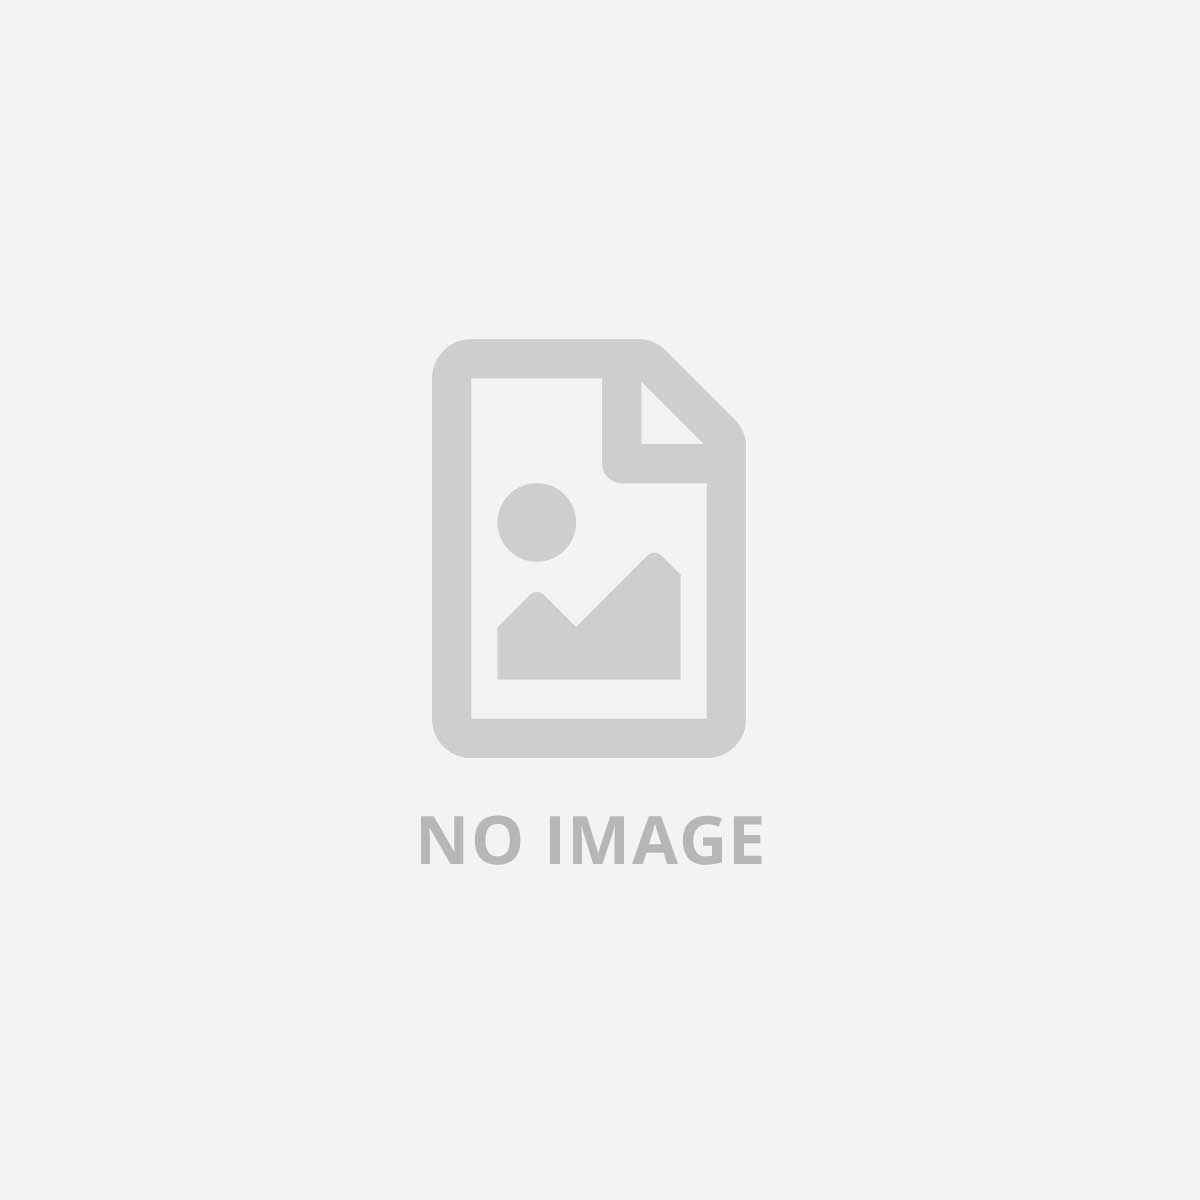 TRANSCEND 8GB UHS-I U1 MICROSD CON ADATTATORE